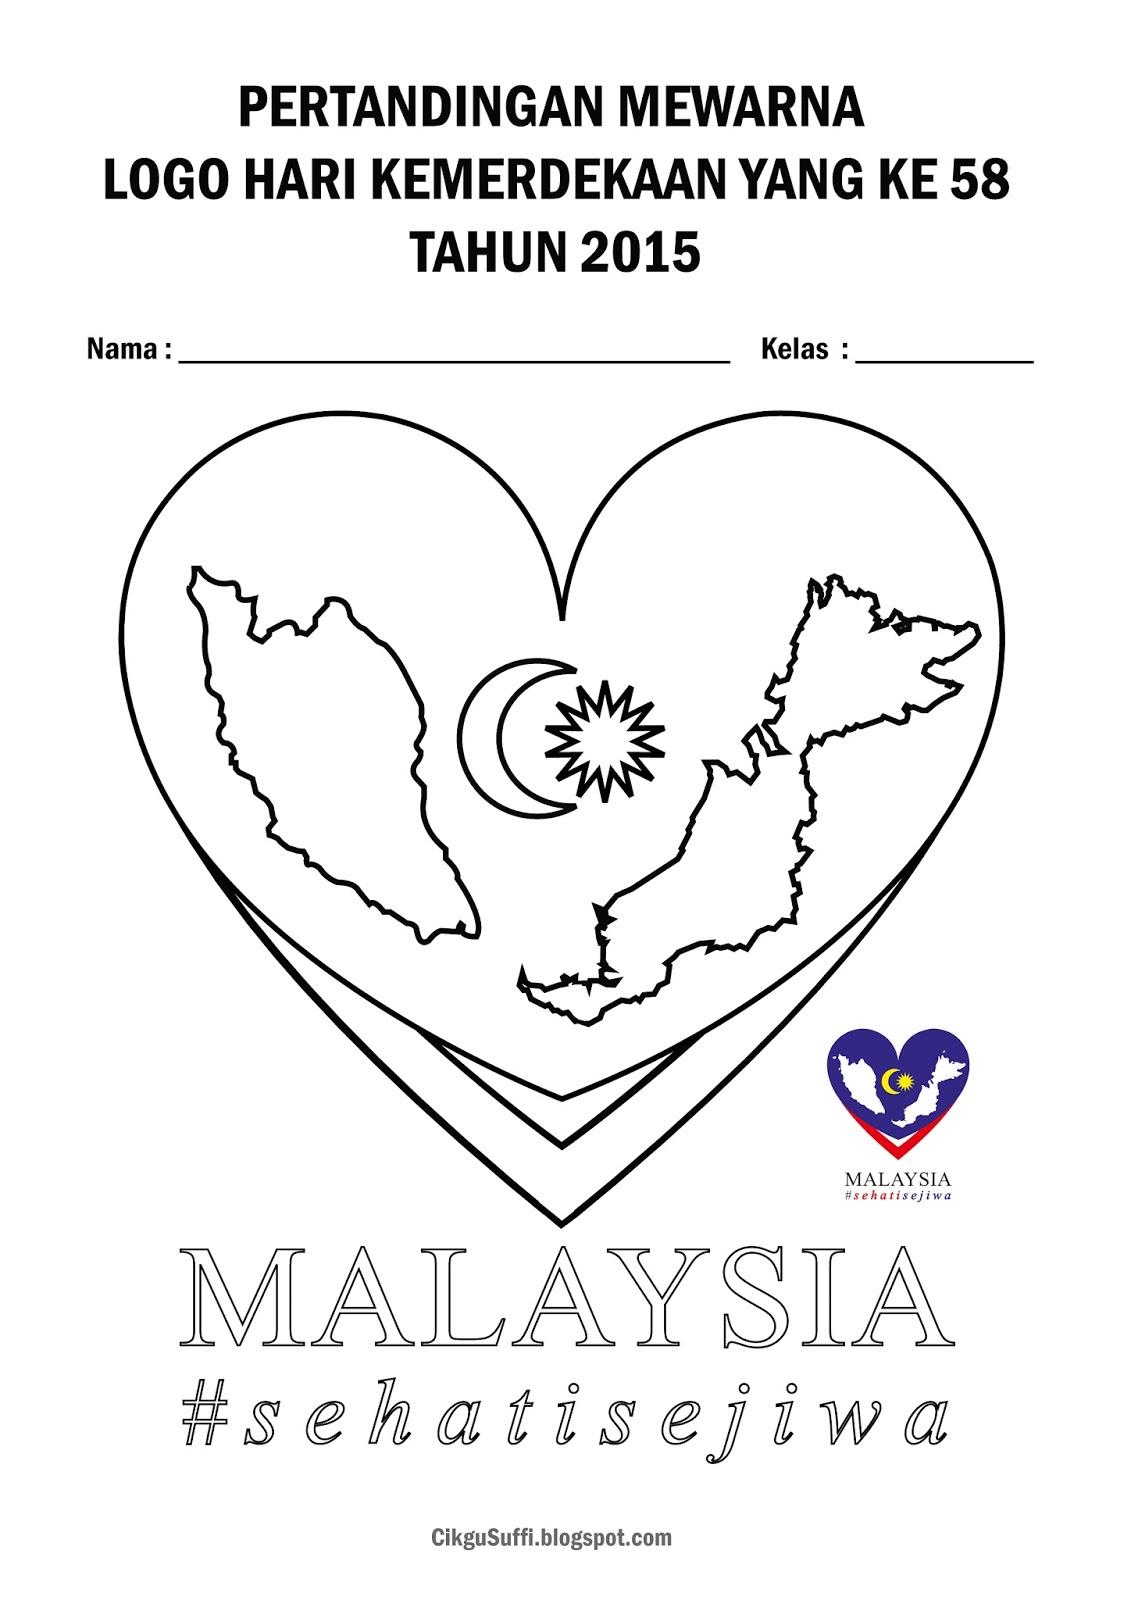 Mewarna Logo Negaraku Sehati Sejiwa Pewarna O